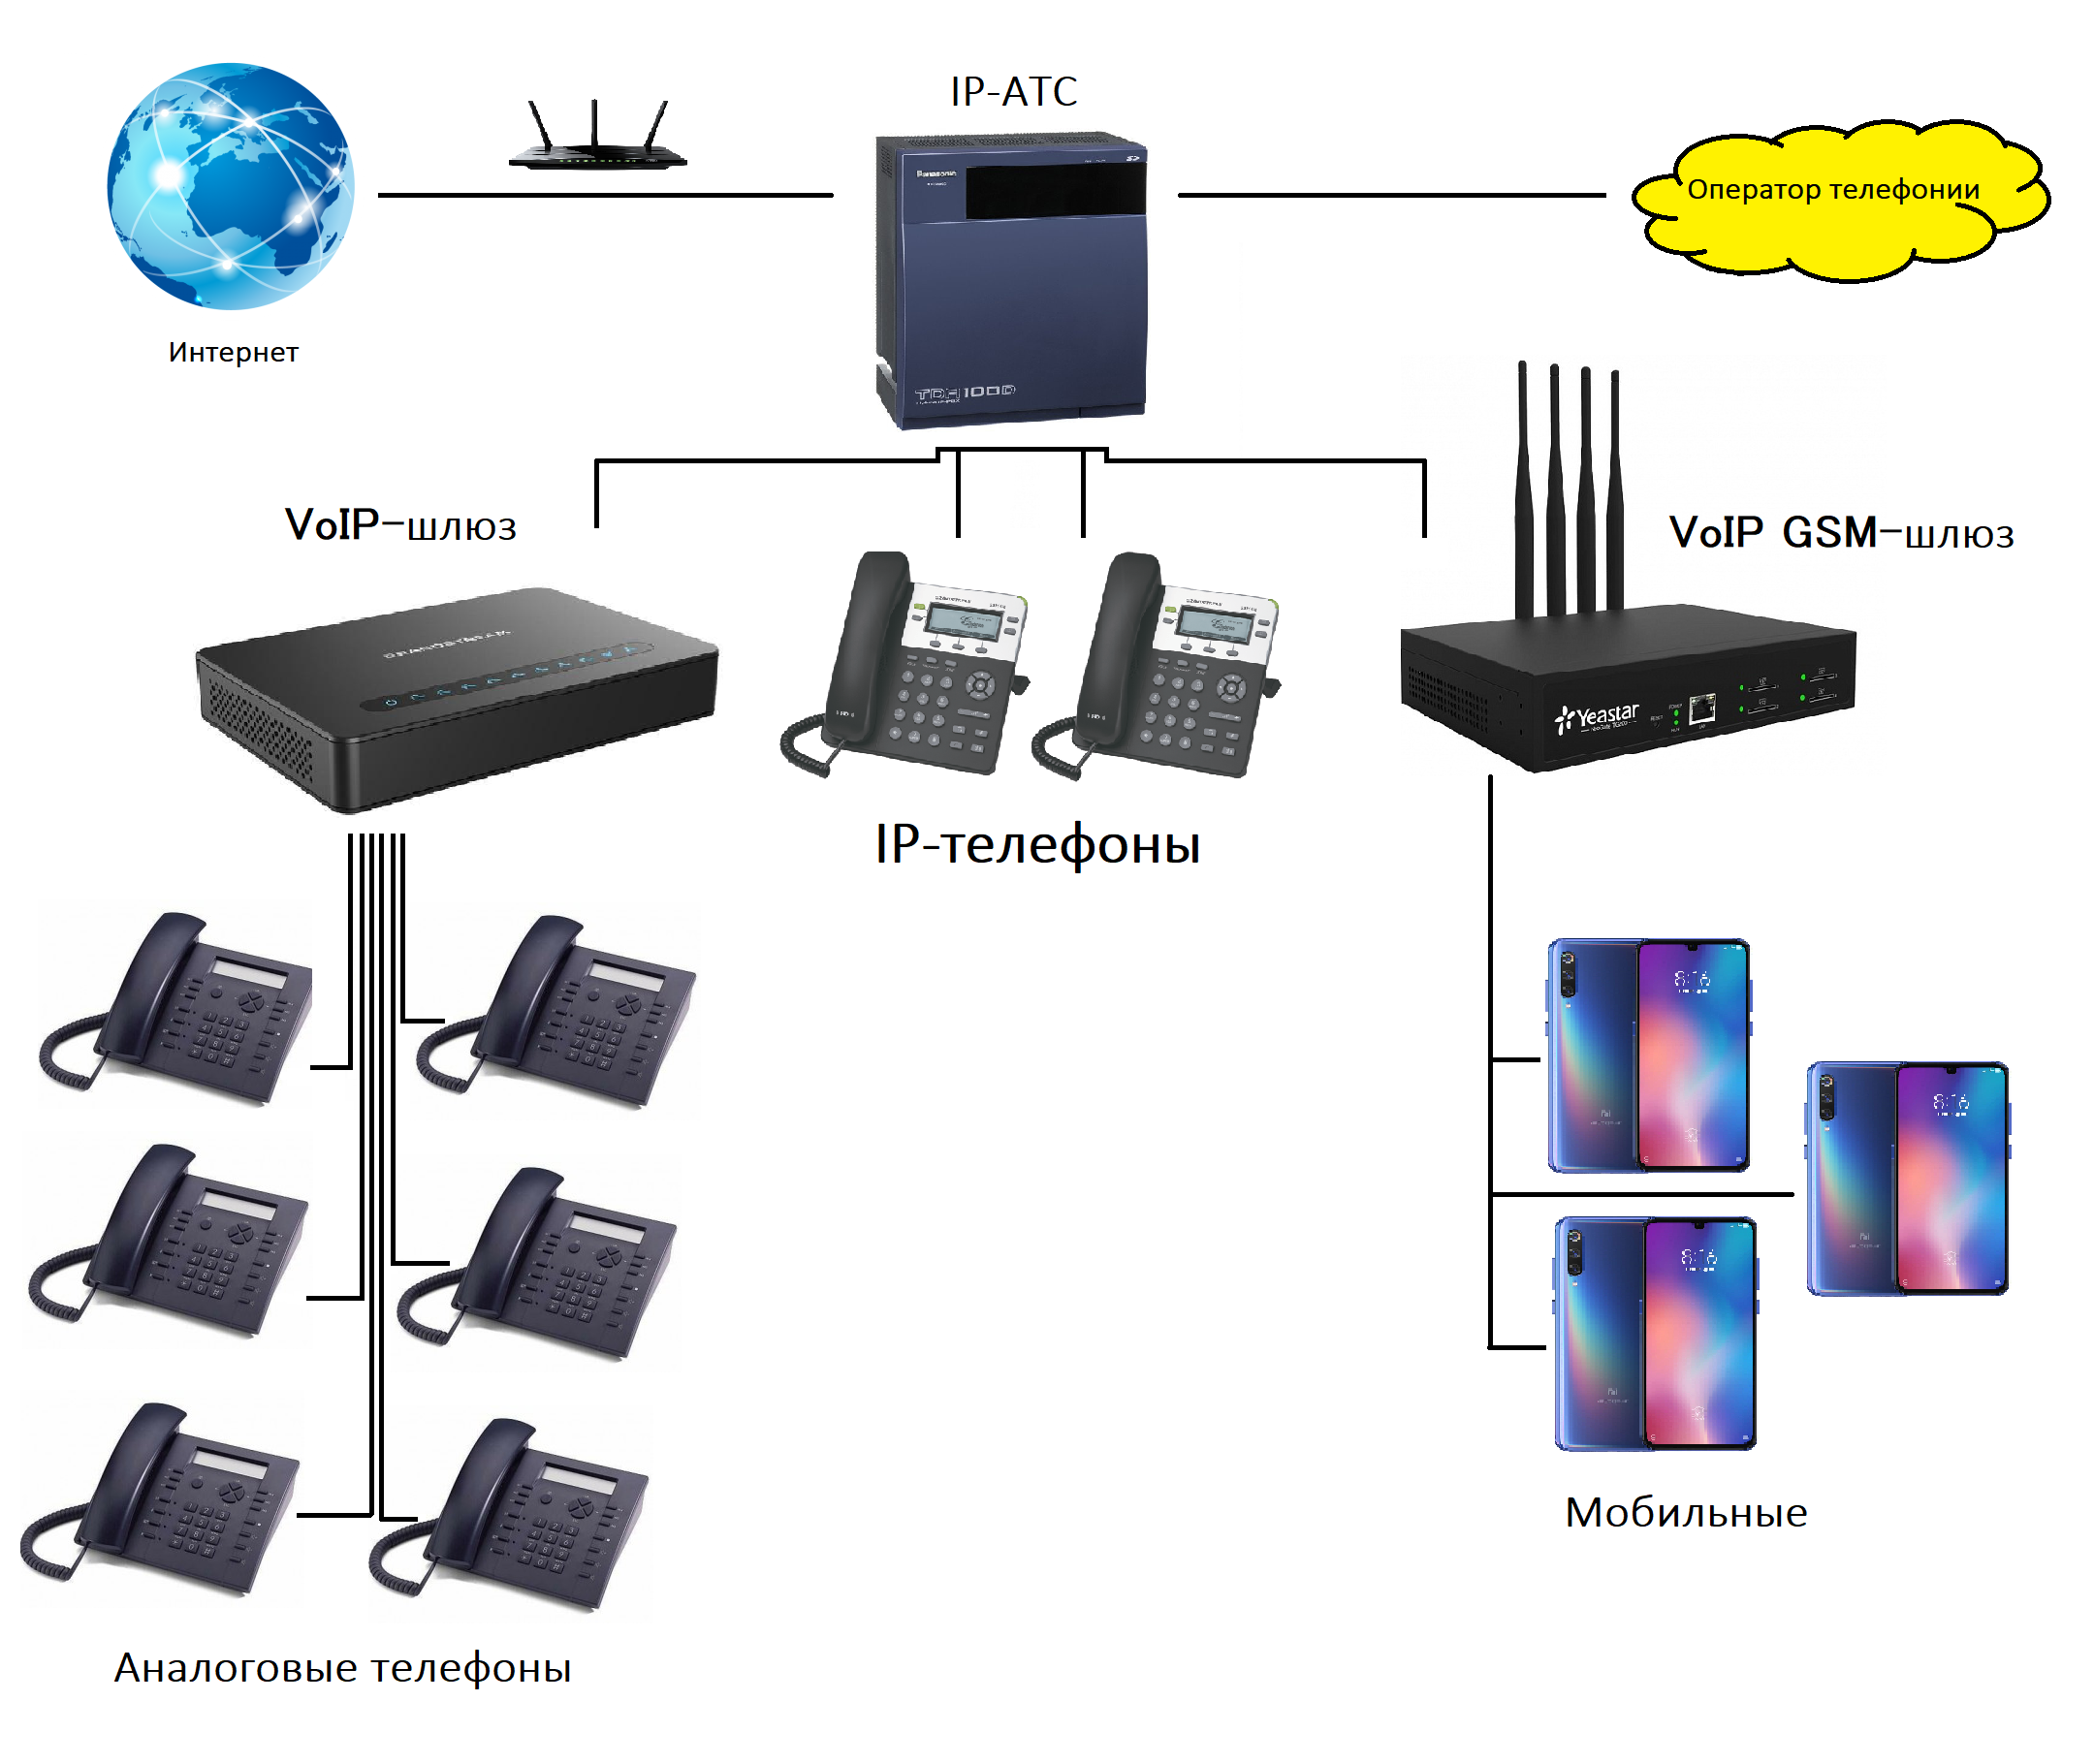 Ip-, voip-, sip-телефония: подходы разные — цель одна